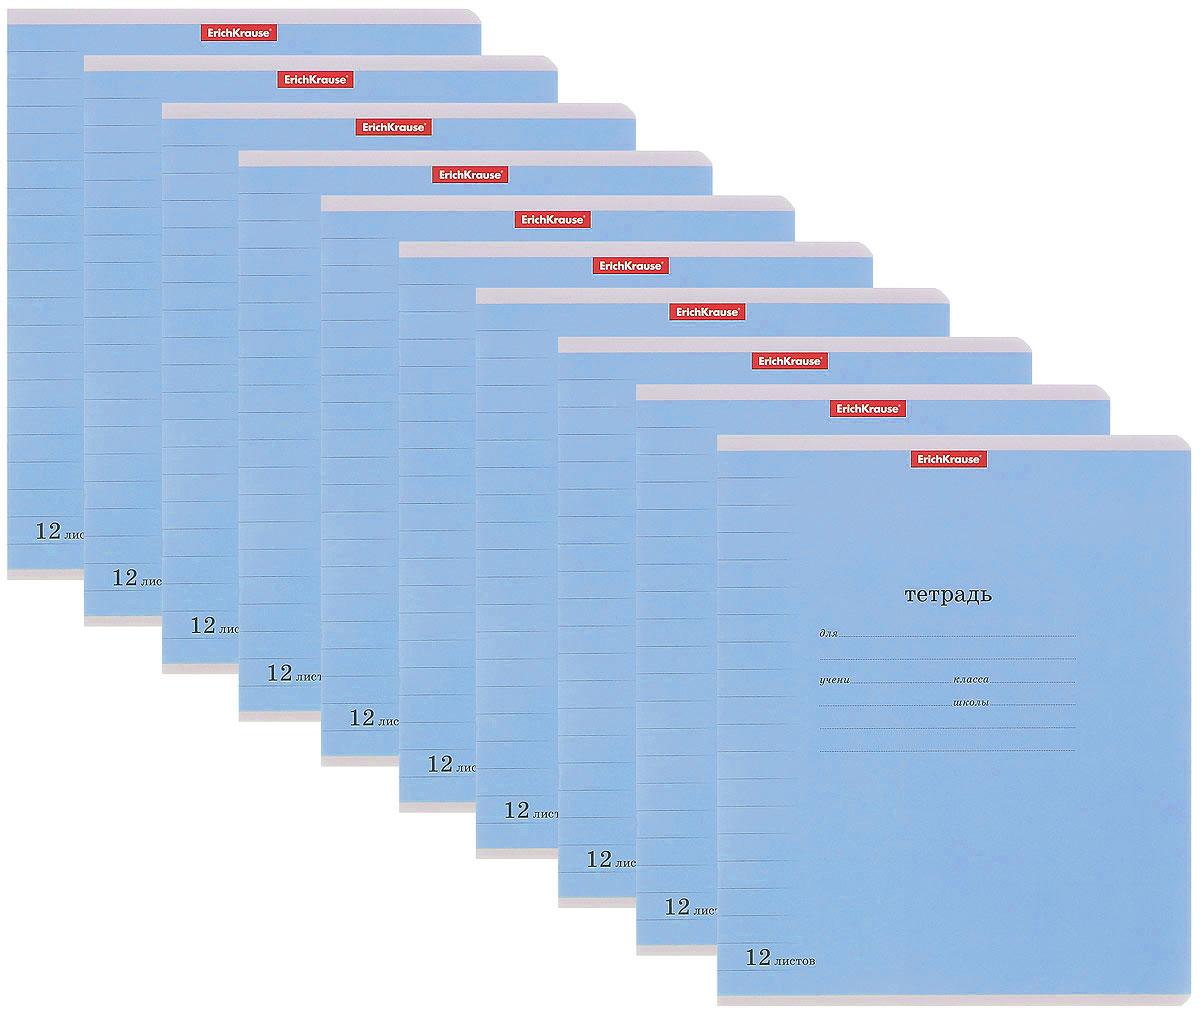 Erich Krause Набор тетрадей Классика 12 листов в линейку 10 шт цвет голубой40006Тетрадь Erich Krause Классика предназначена для школьников.Обложка тетради выполнена из тонкого гибкого картона с закругленными углами. На обратной стороне обложки представлено написание прописных букв русского и английского алфавитов.Внутренний блок тетради состоит из 12 листов белой бумаги на металлических скрепках в линейку с полями.В наборе 10 тетрадей.